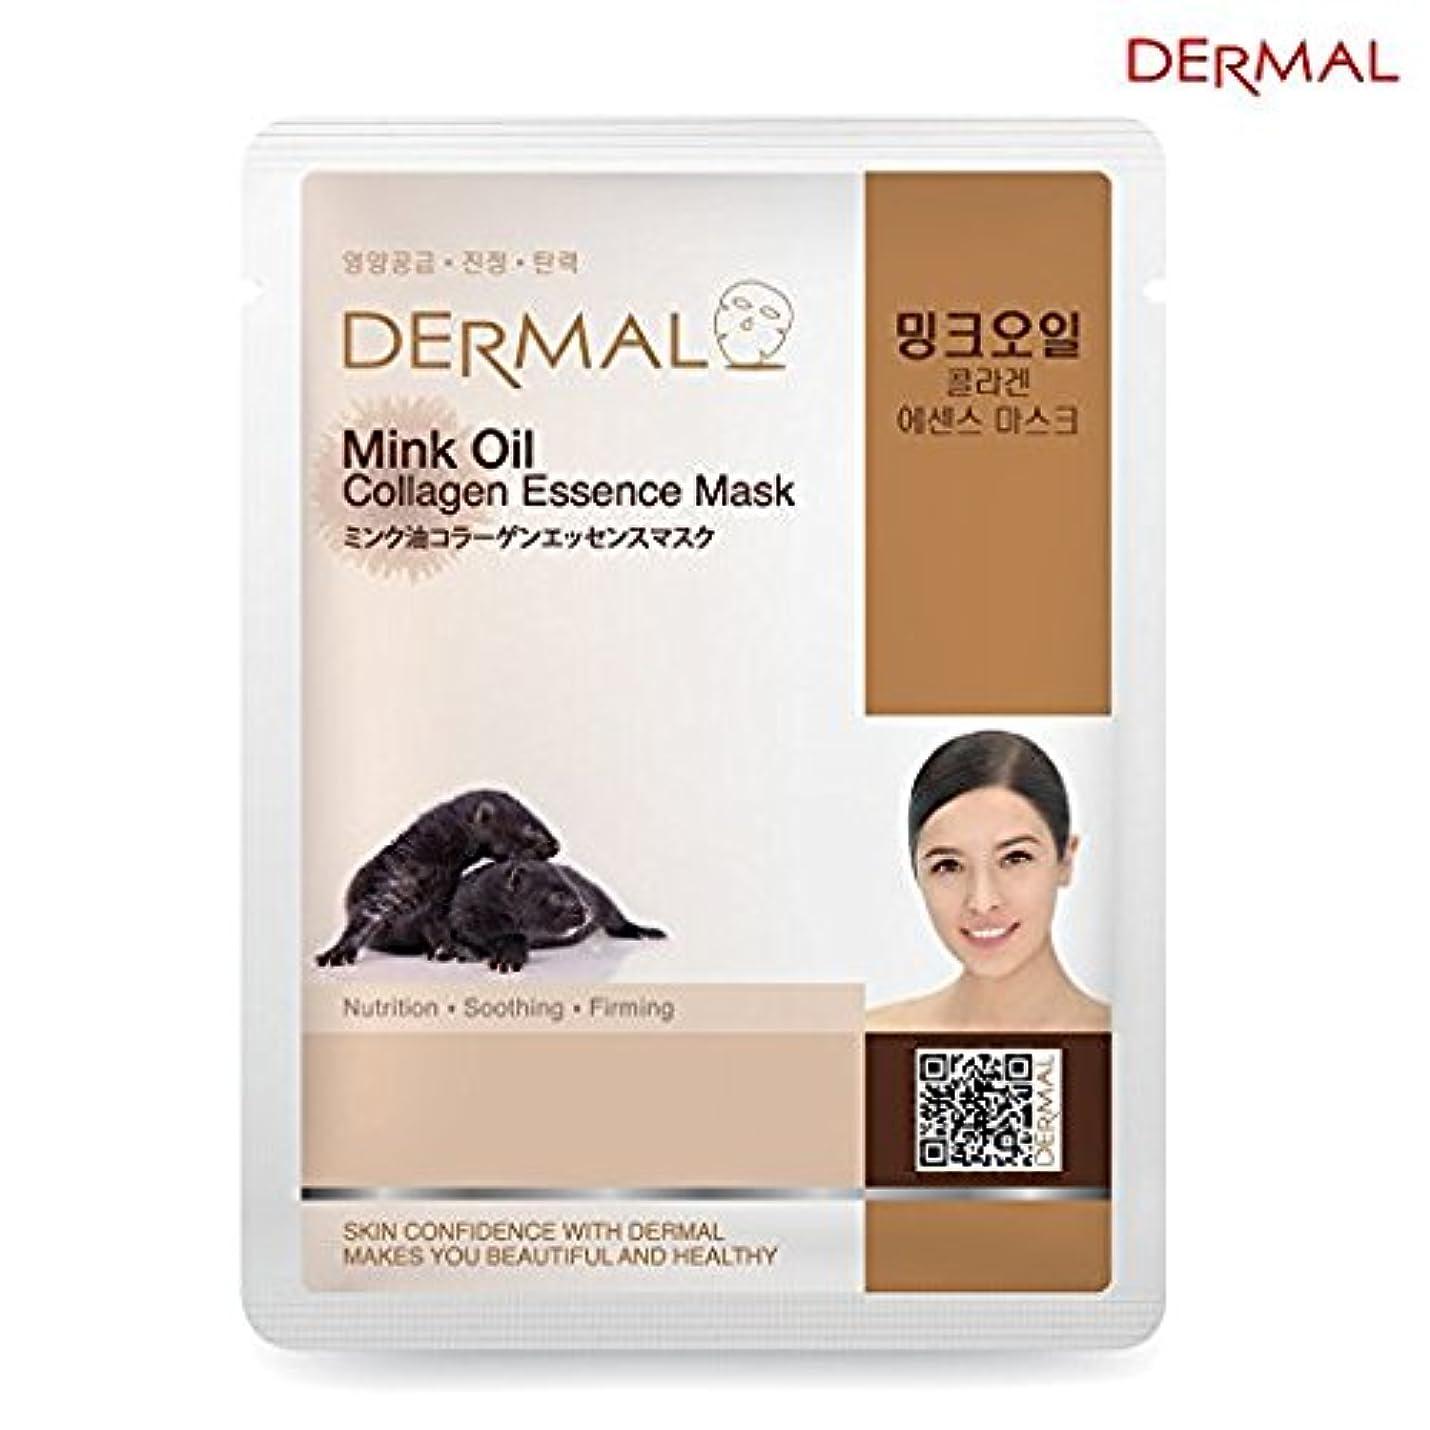 転送大胆変装したシート マスク ミンク油エキス ダーマル Dermal 23g (100枚セット) 韓国コスメ コラーゲンエッセンスマスク フェイス パック